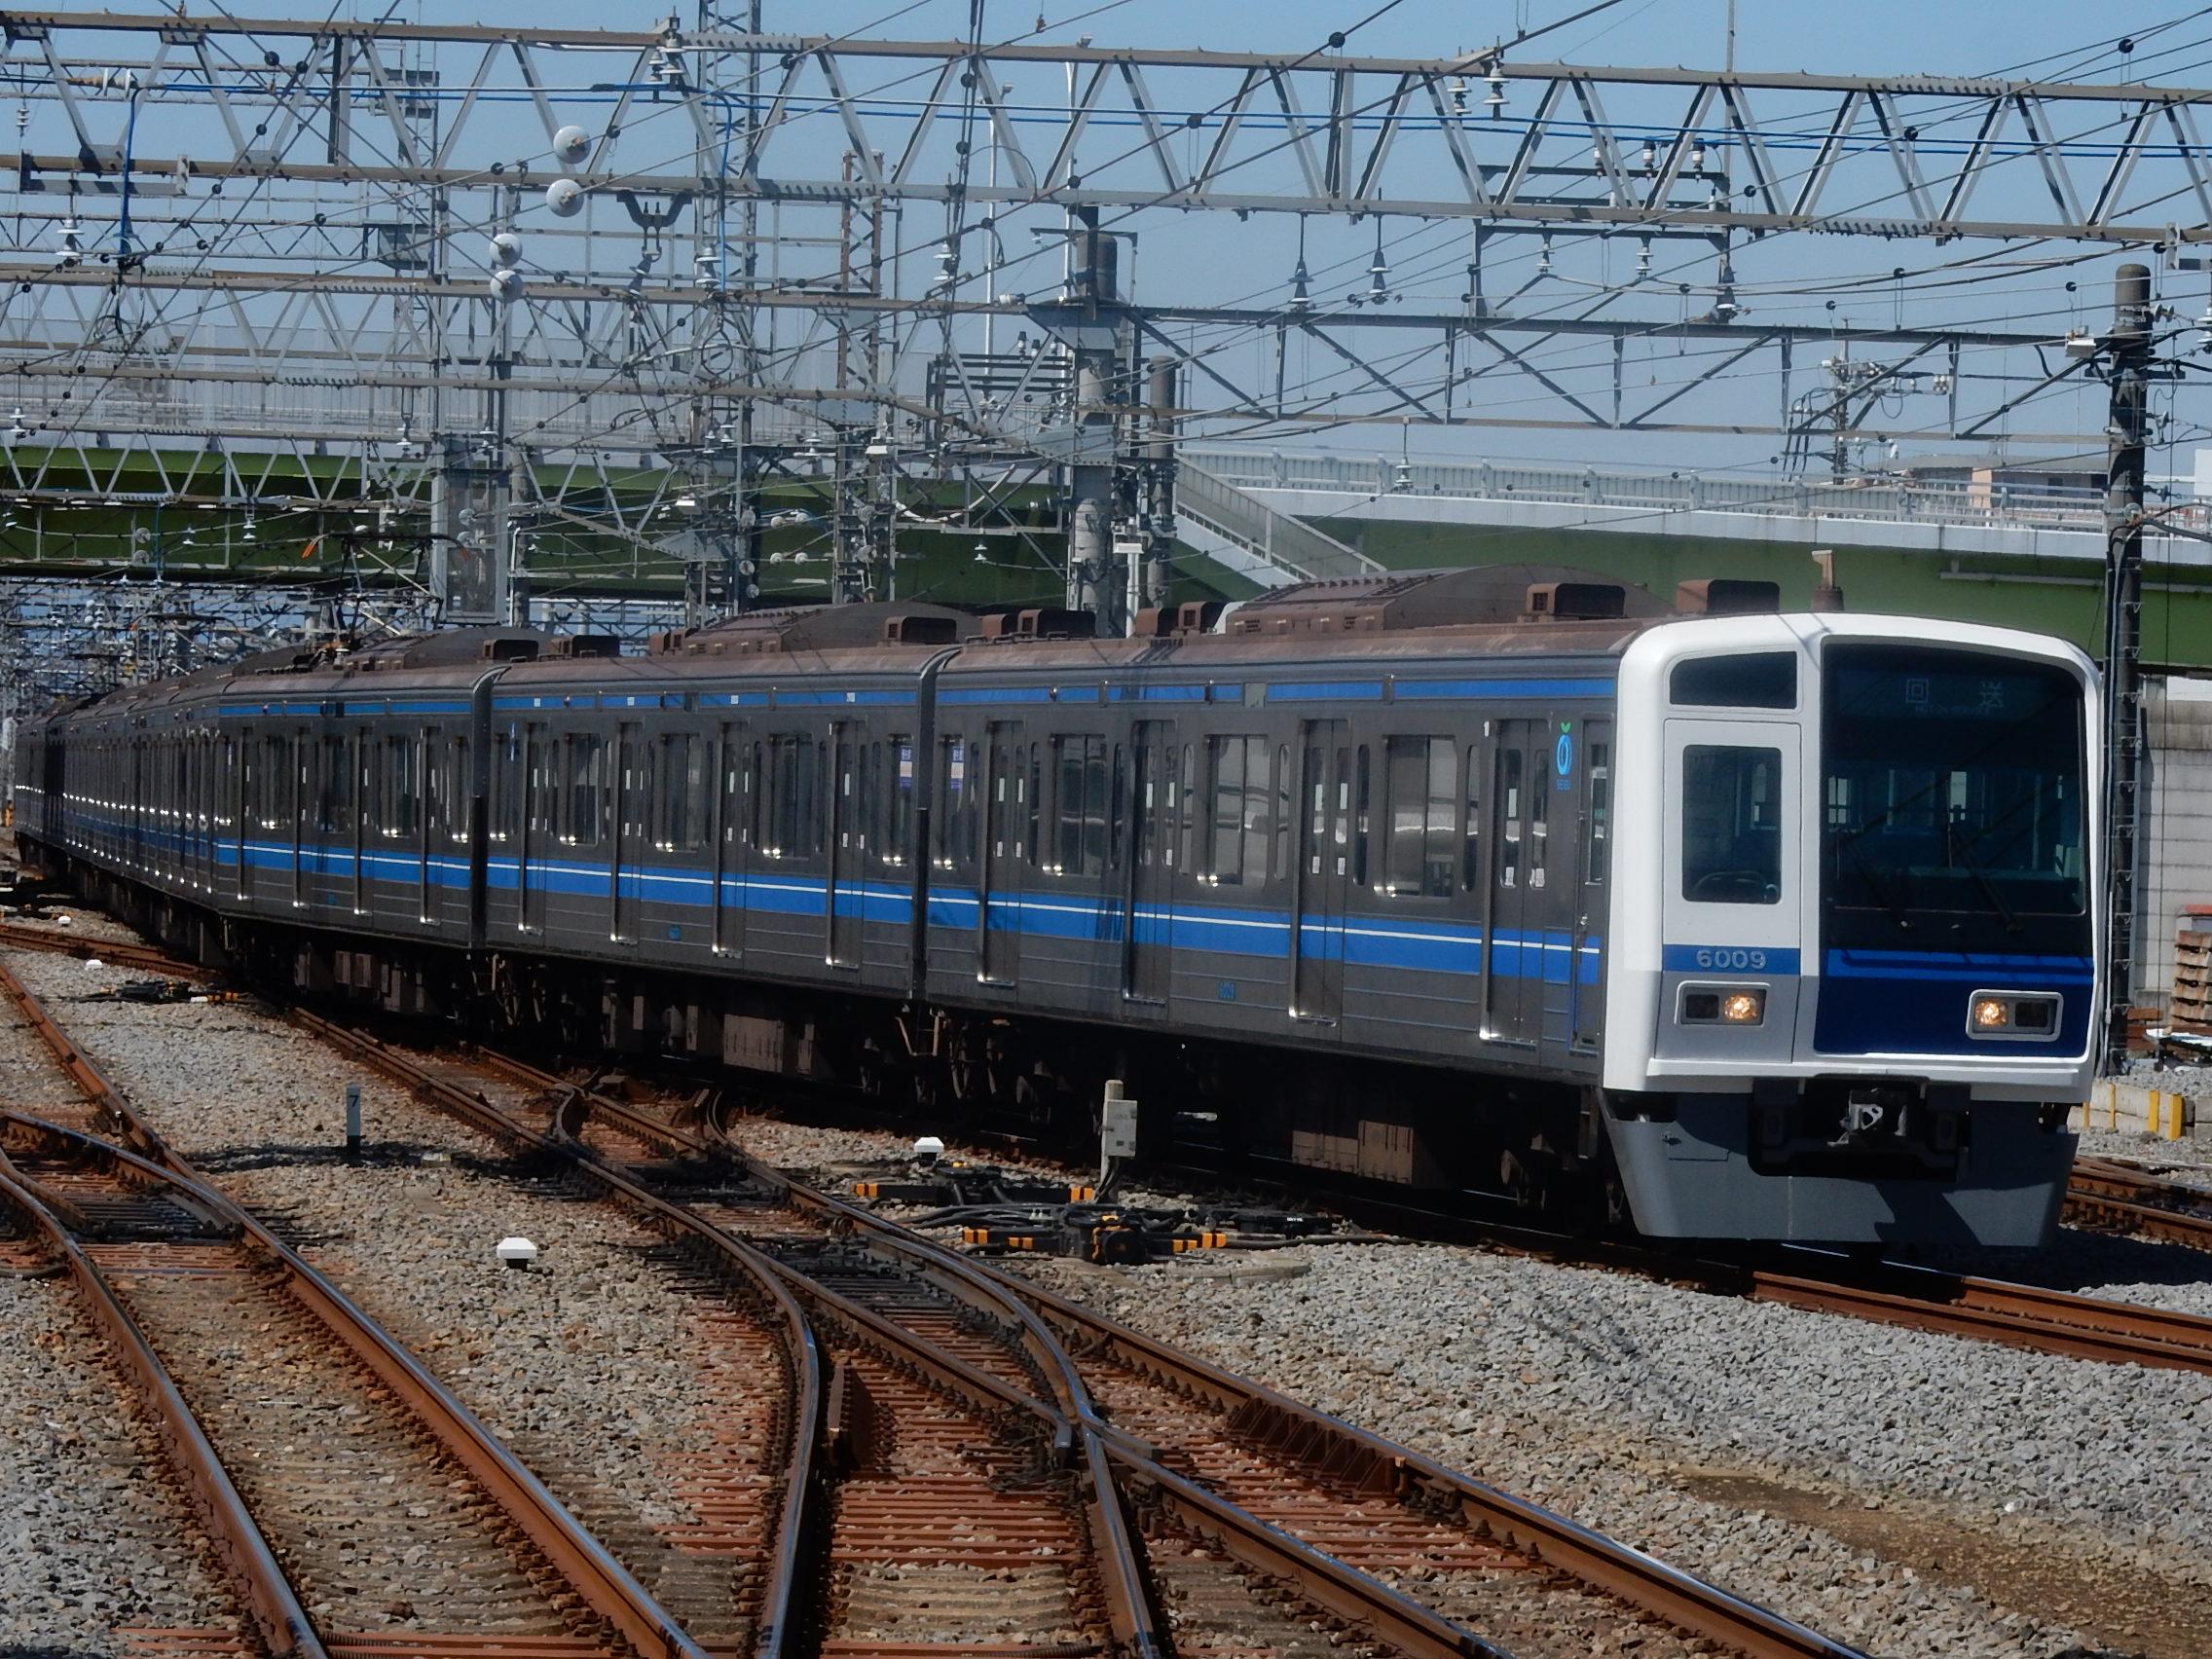 DSCN4848.jpg